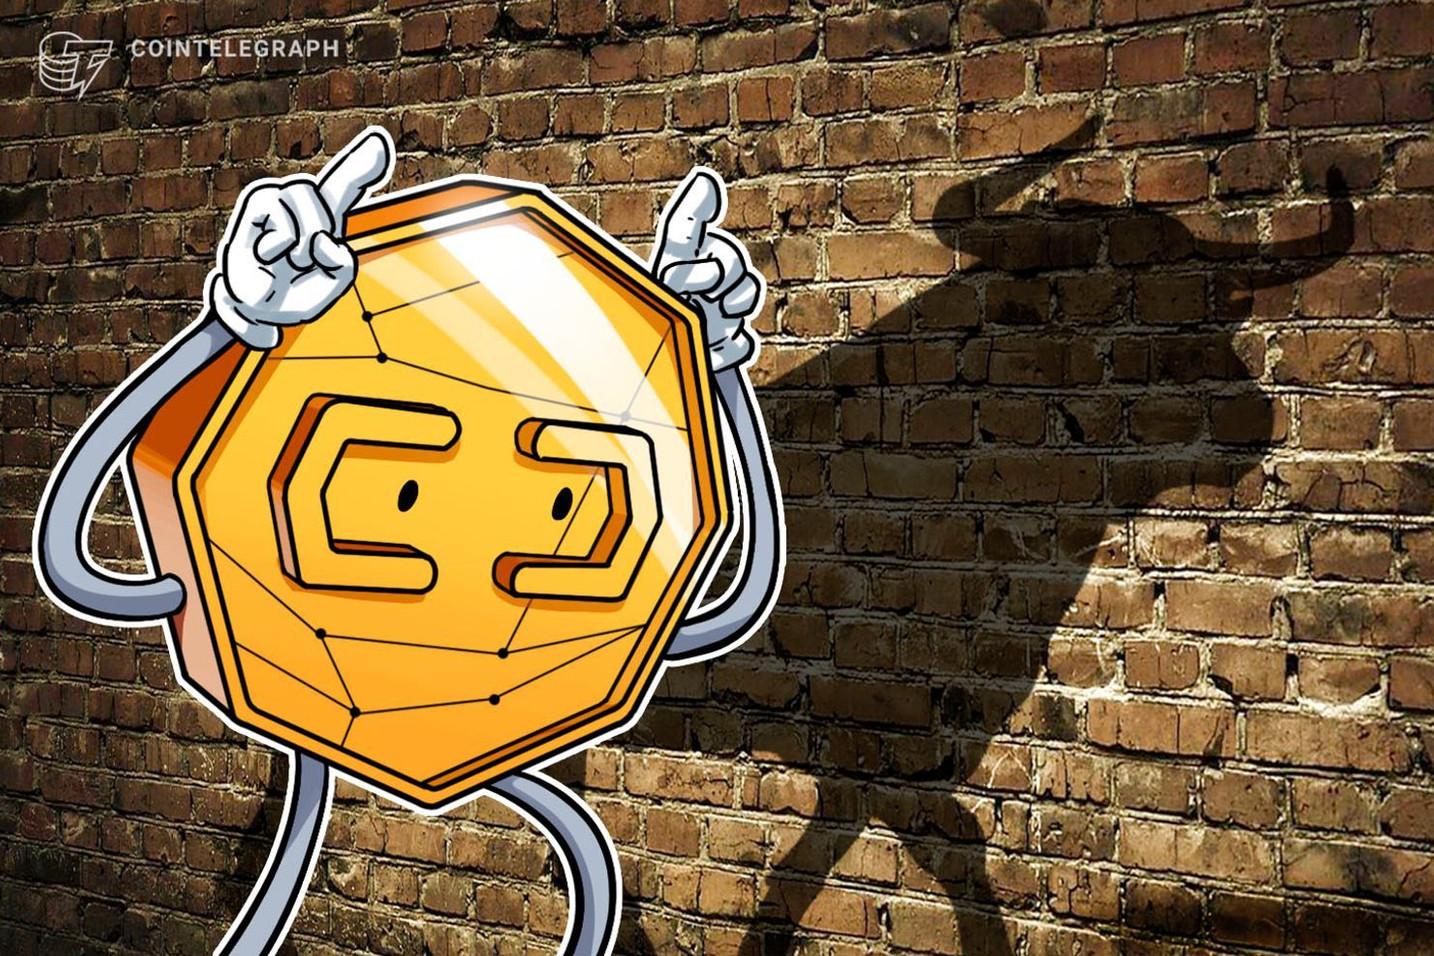 2018年の仮想通貨ヘッジファンド、ビットコインのパフォーマンス上回る